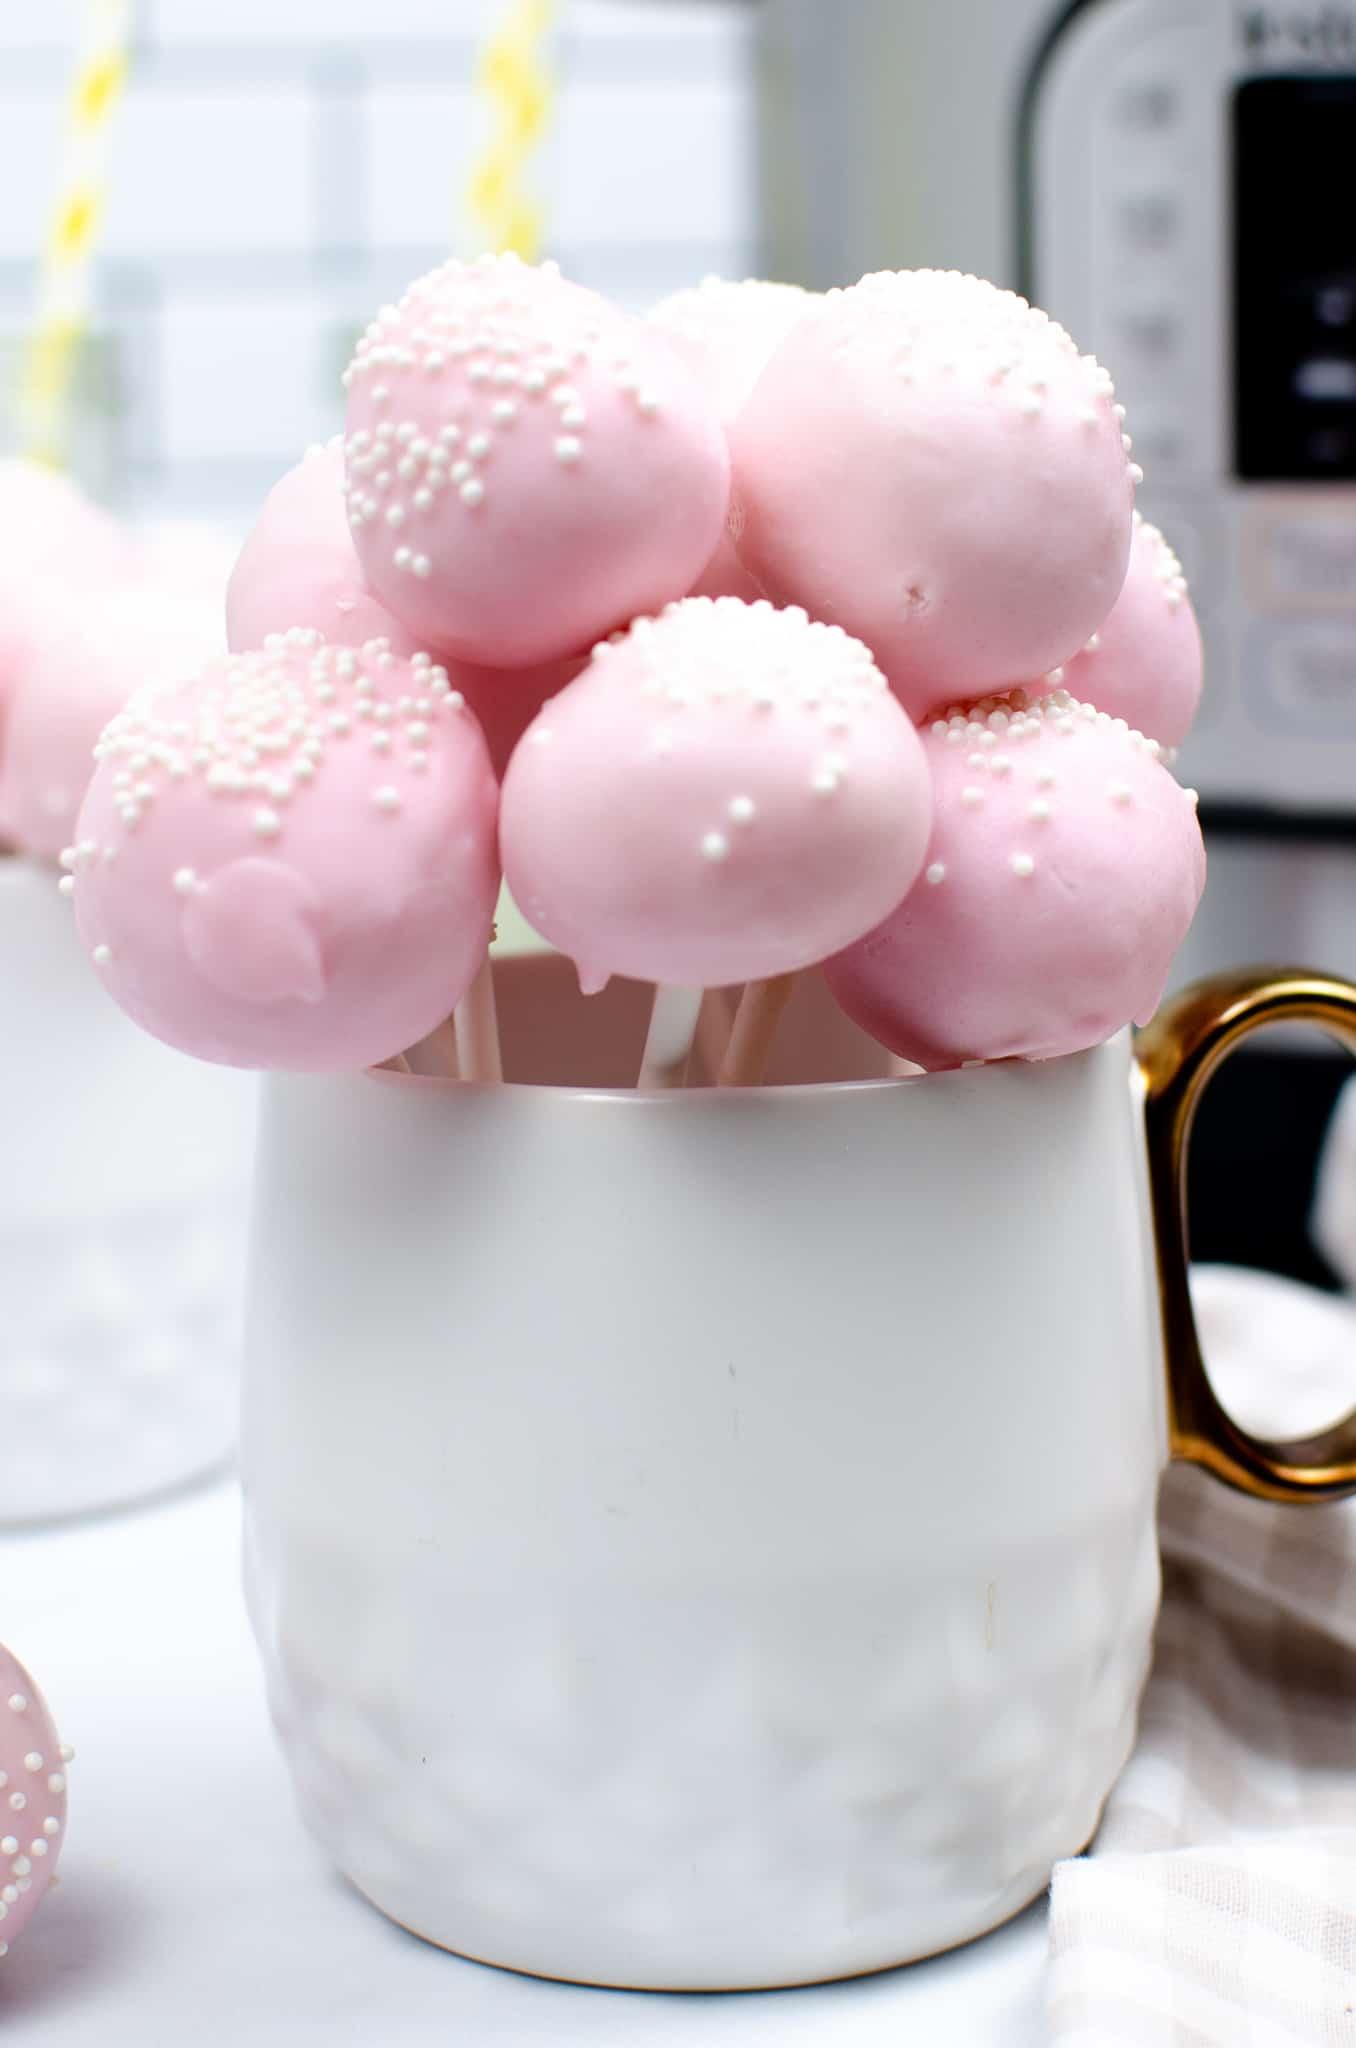 pink cake pobs in white mug